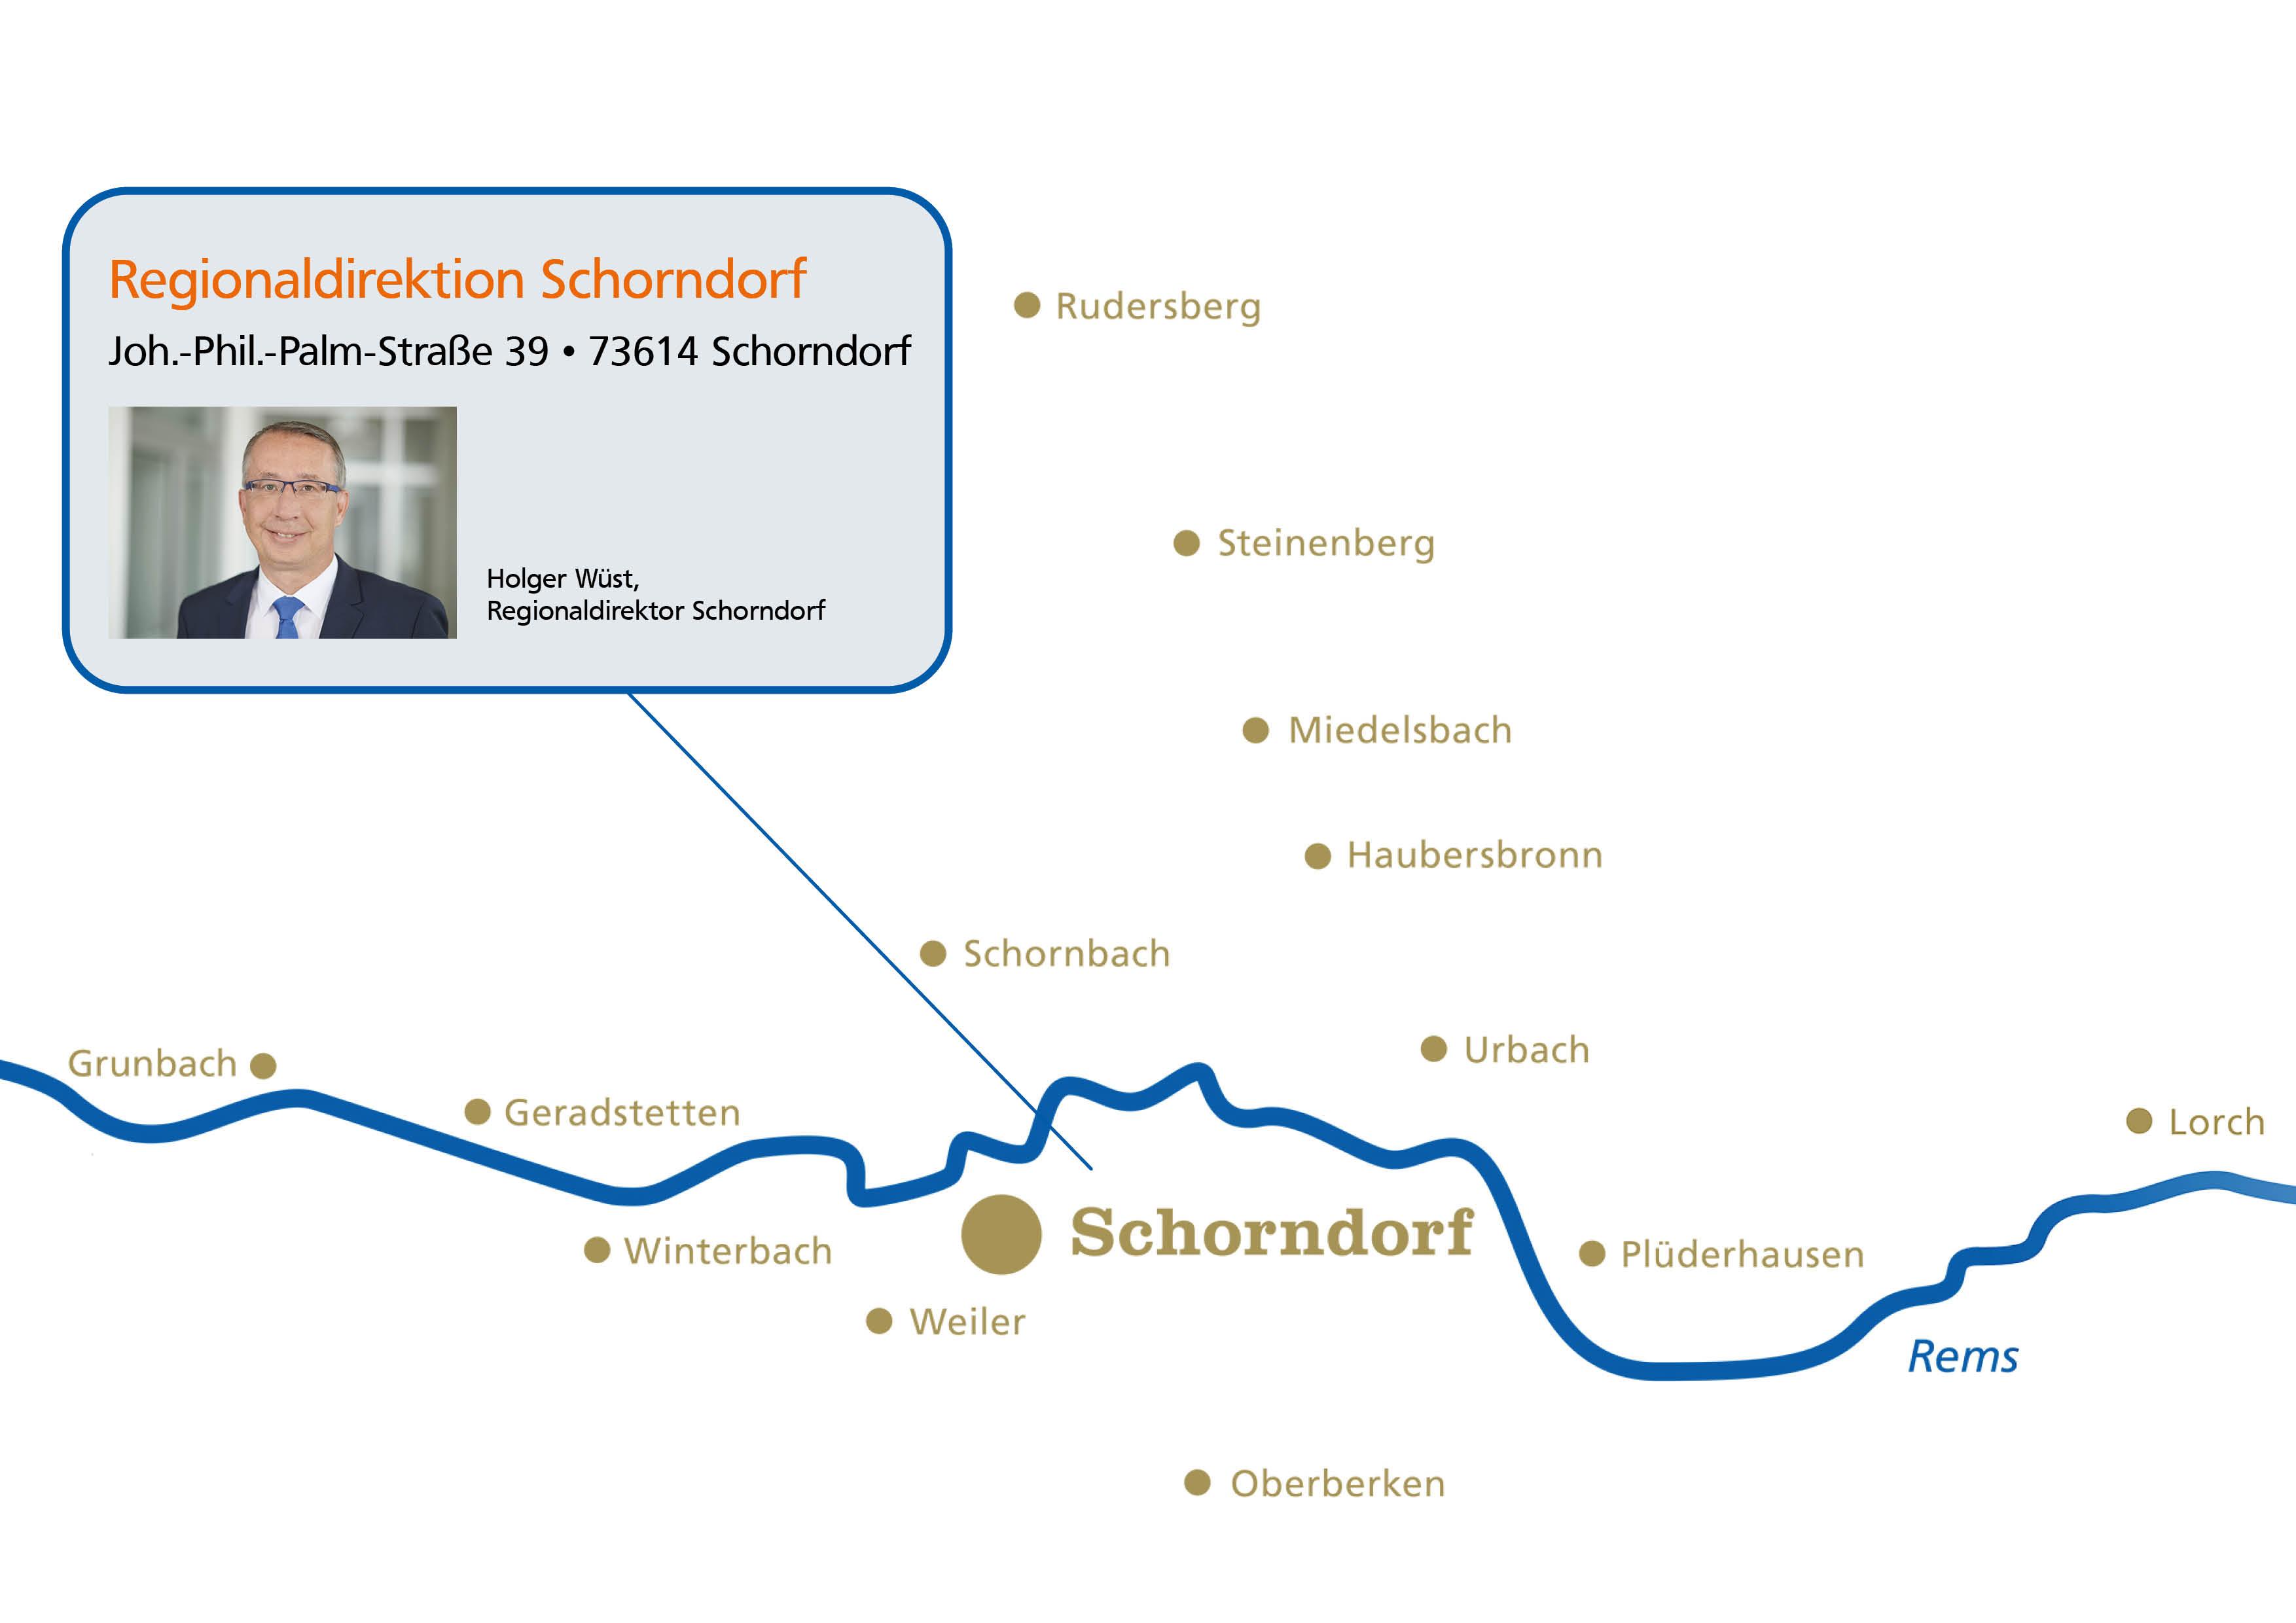 Regionaldirektion Schorndorf